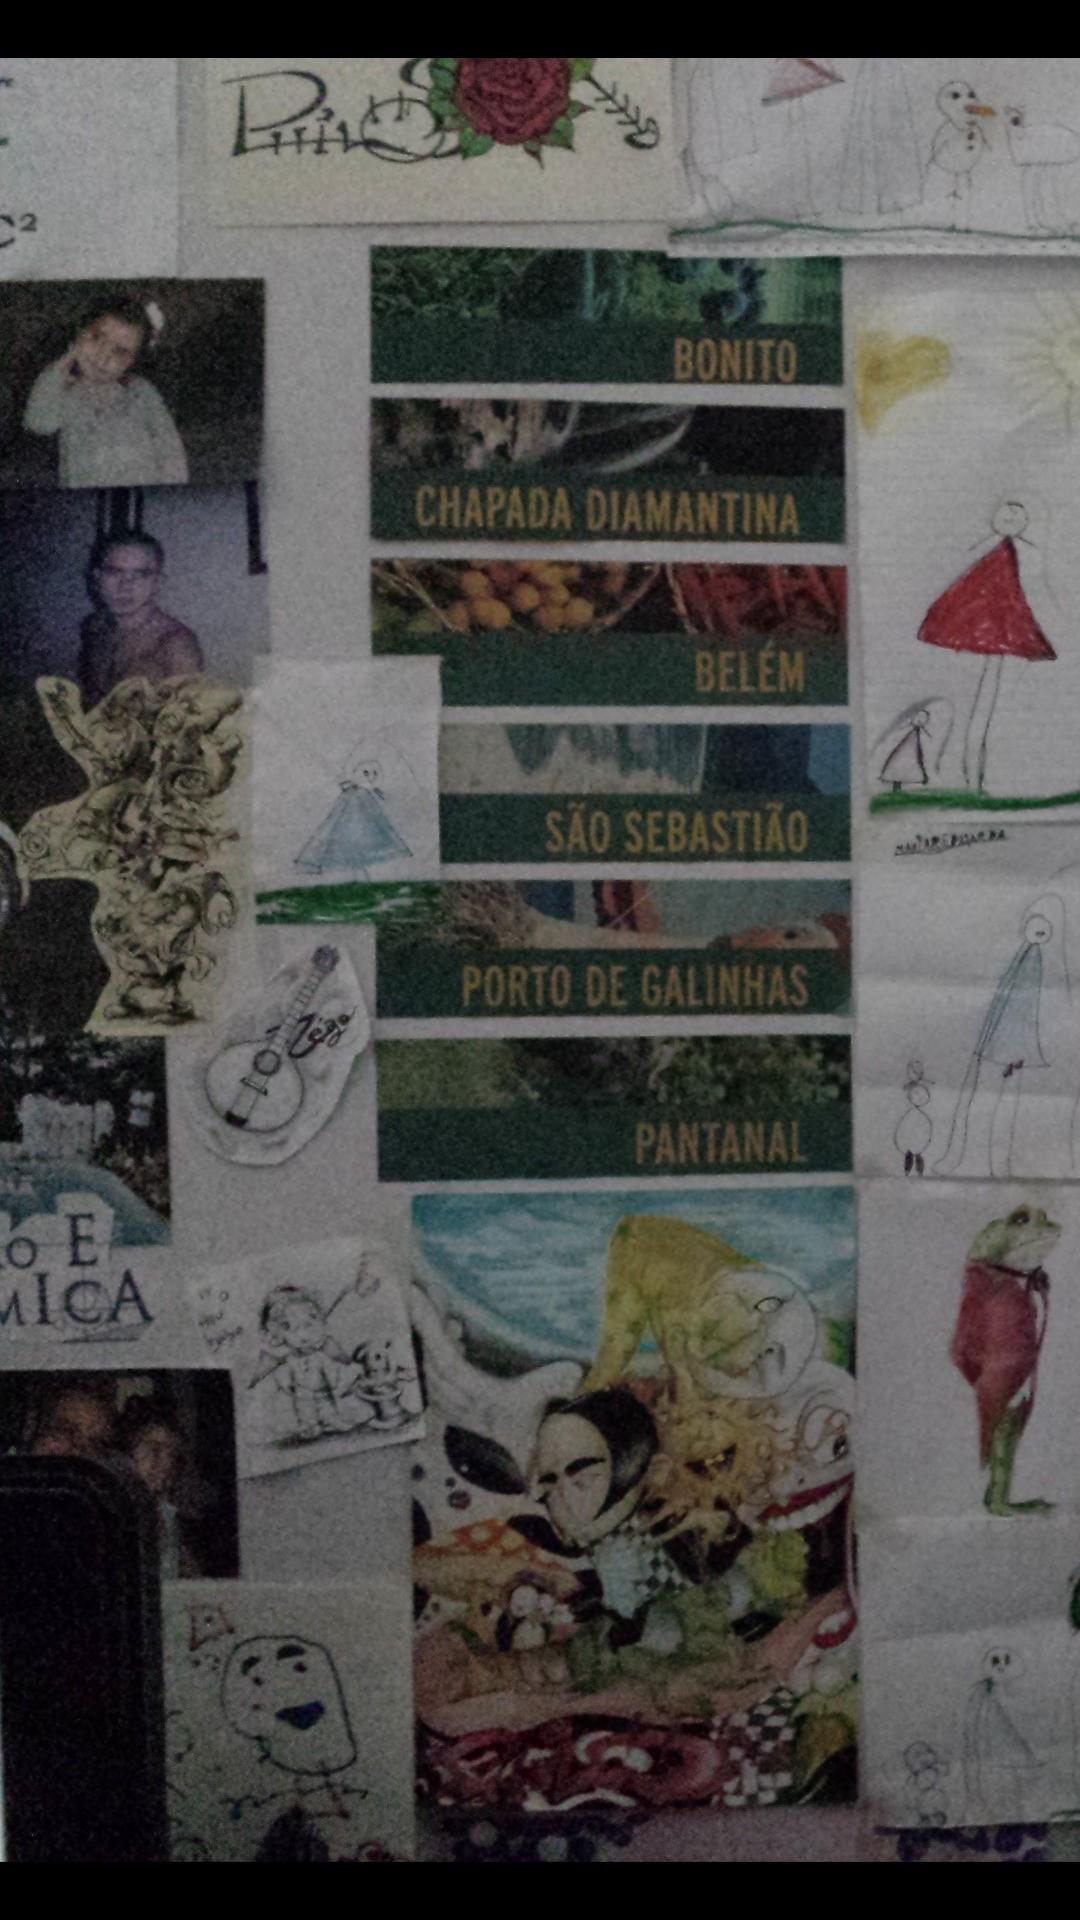 meu mural!